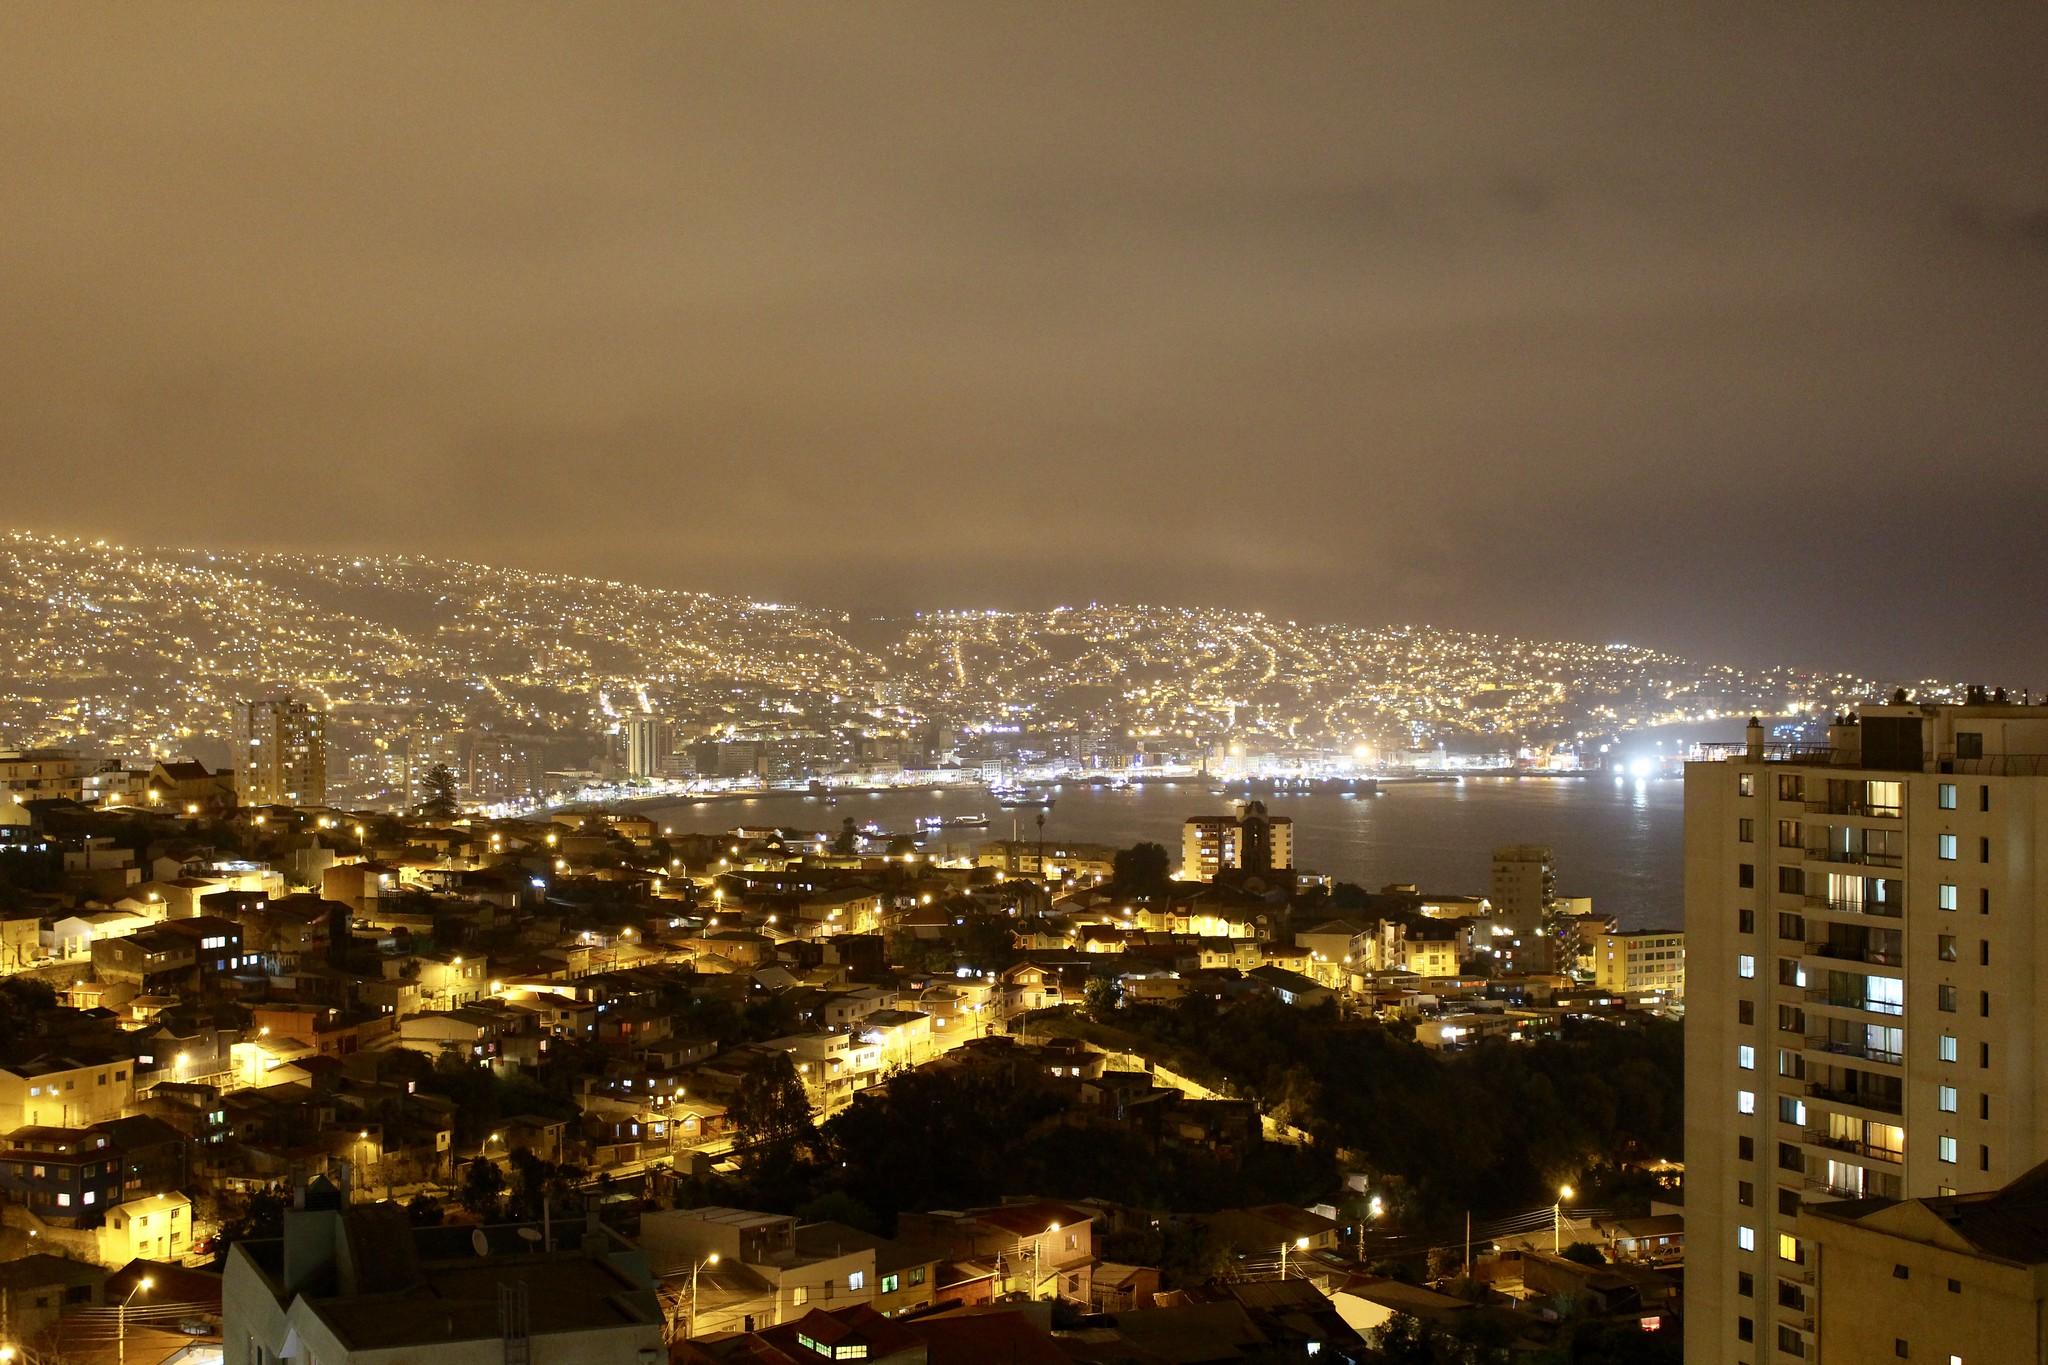 Noche de niebla en Valparaíso